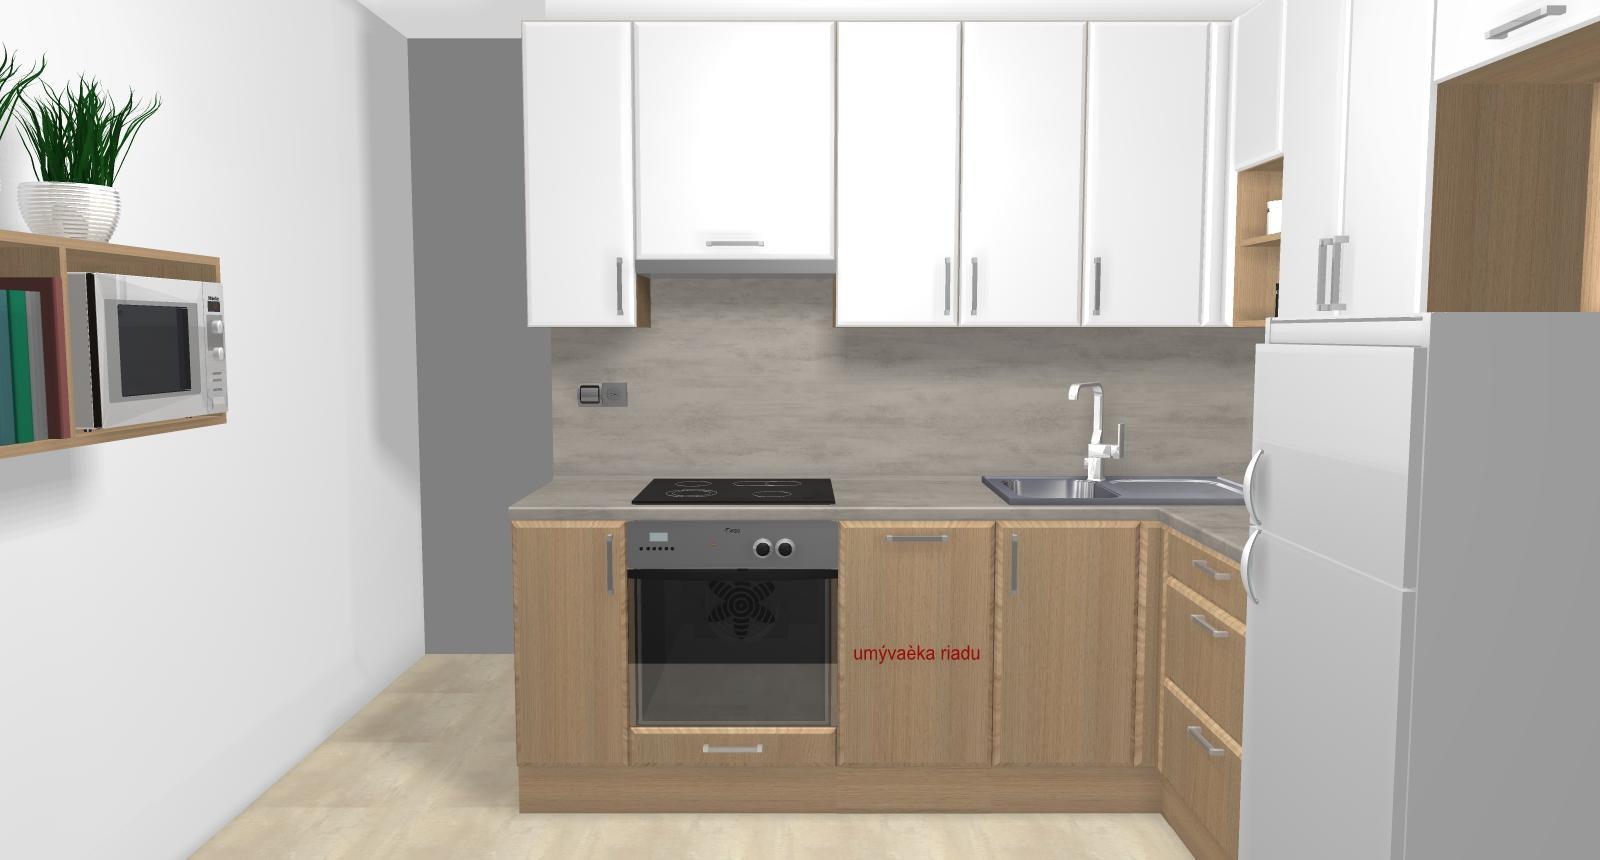 Grafické návrhy kuchynských liniek 2019 - Grafický návrh kuchynskej linky do paneláku v BB verzia 1 - obr.2